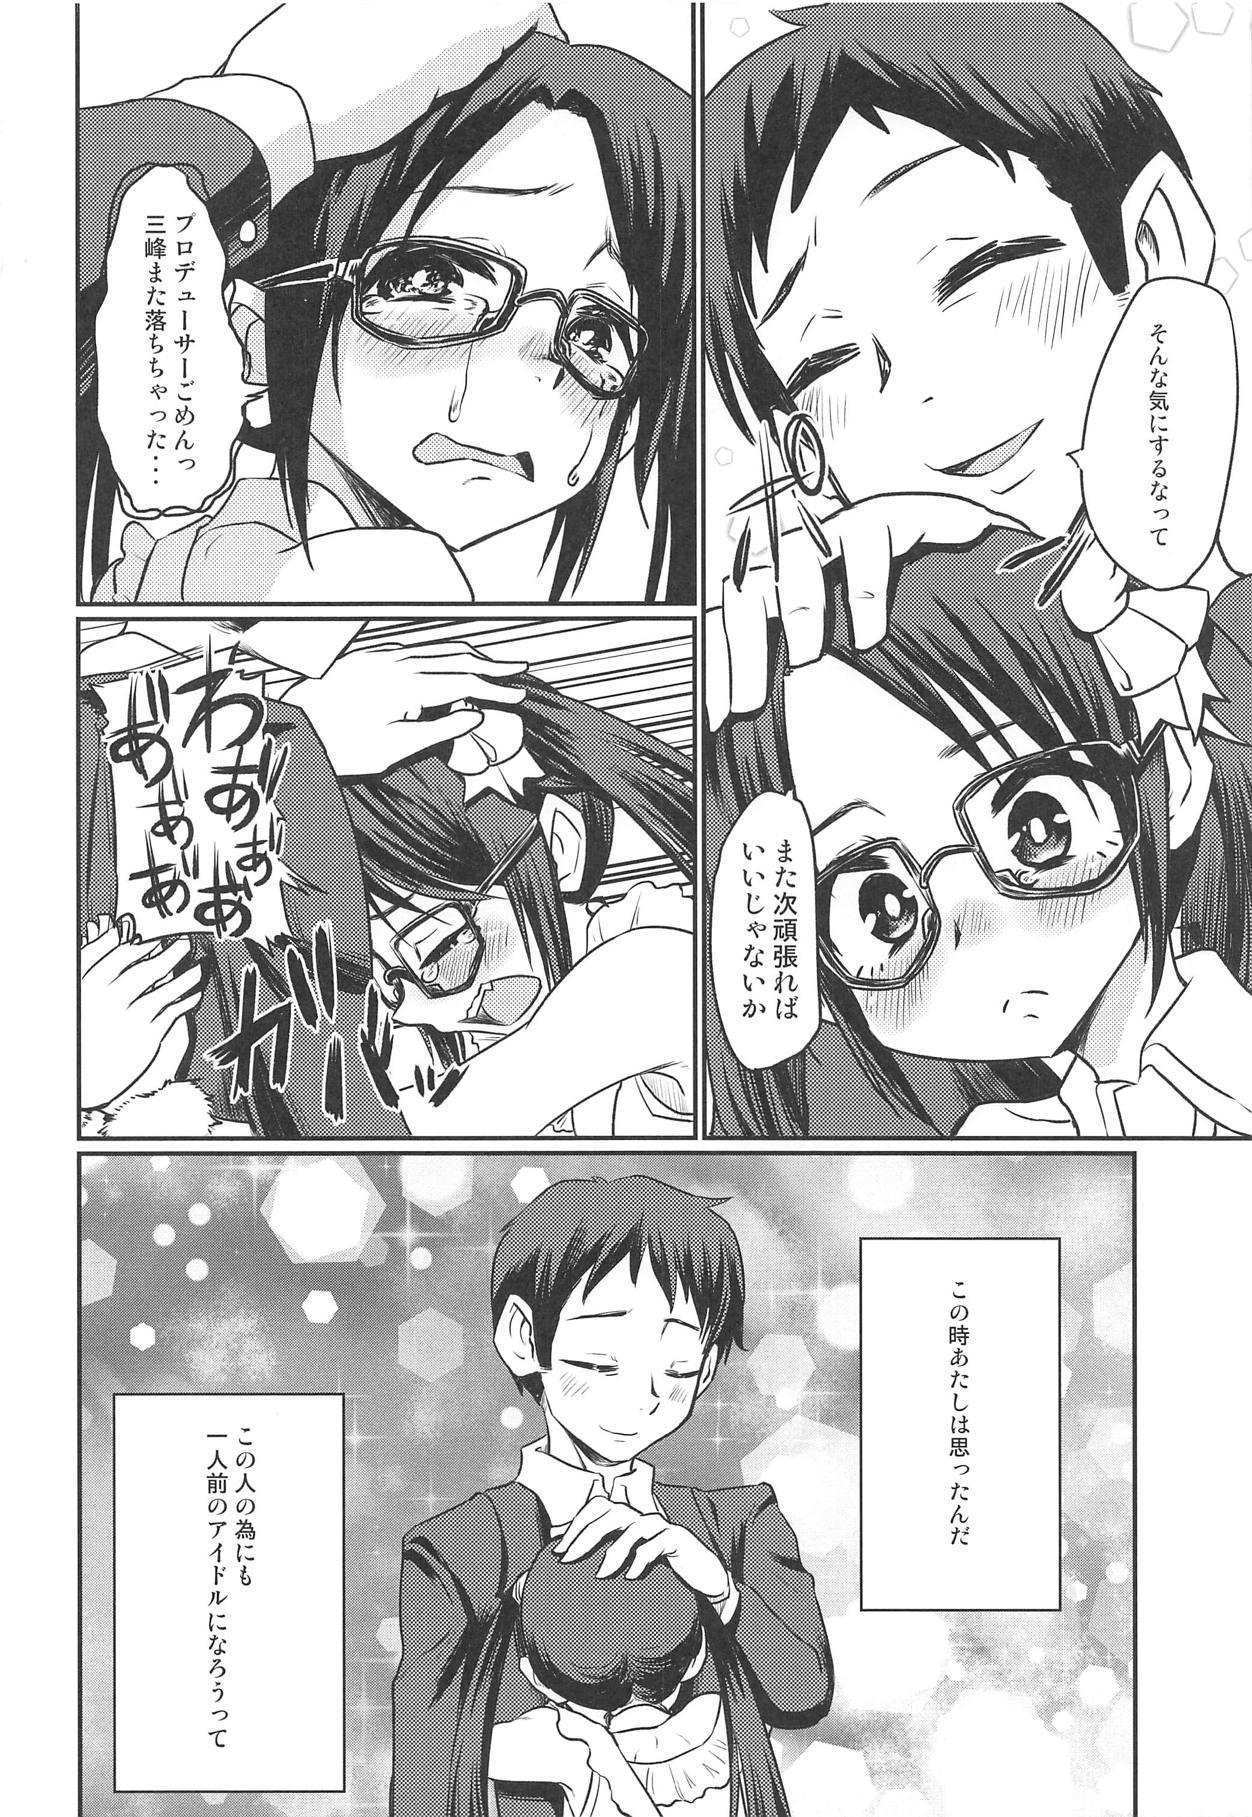 Mitsumine Yuika no Yoru no Eigyou Katsudou Kiroku. 2